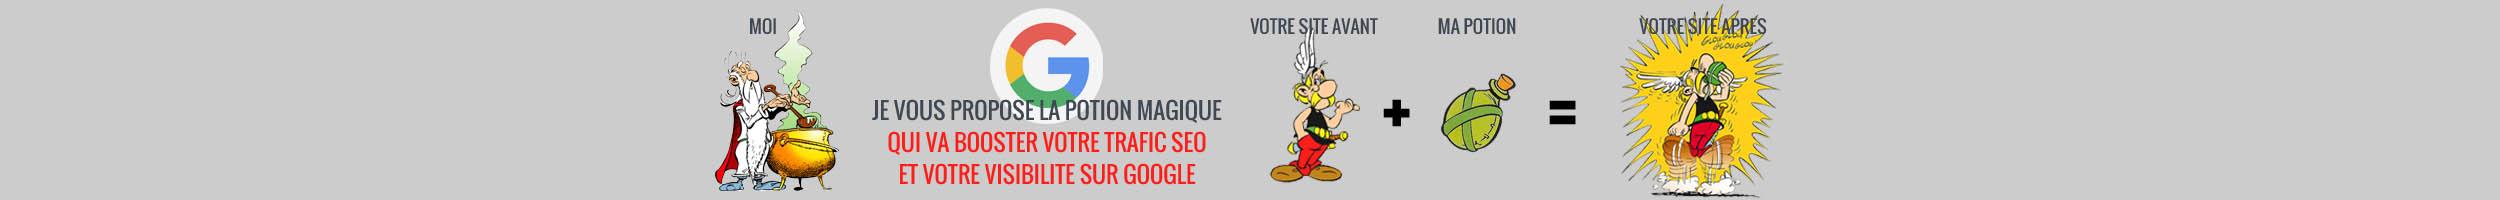 Booster votre référencement, votre trafic et votre visibilité Google